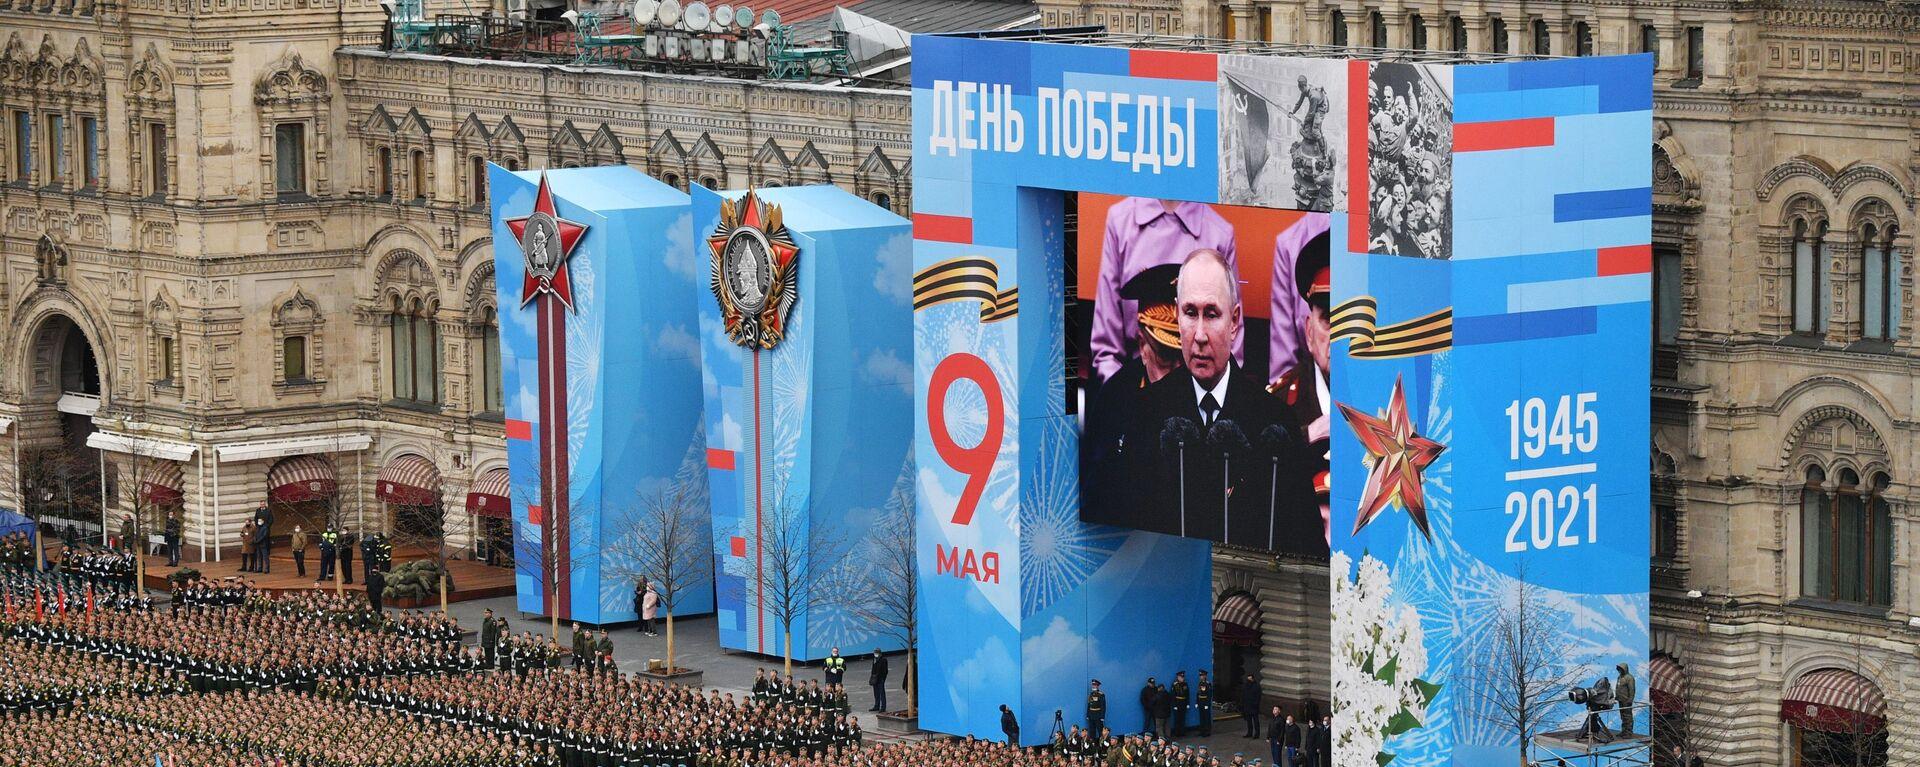 Военнослужащие парадных расчетов на военном параде в честь 76-й годовщины Победы в Москве - Sputnik Česká republika, 1920, 31.05.2021